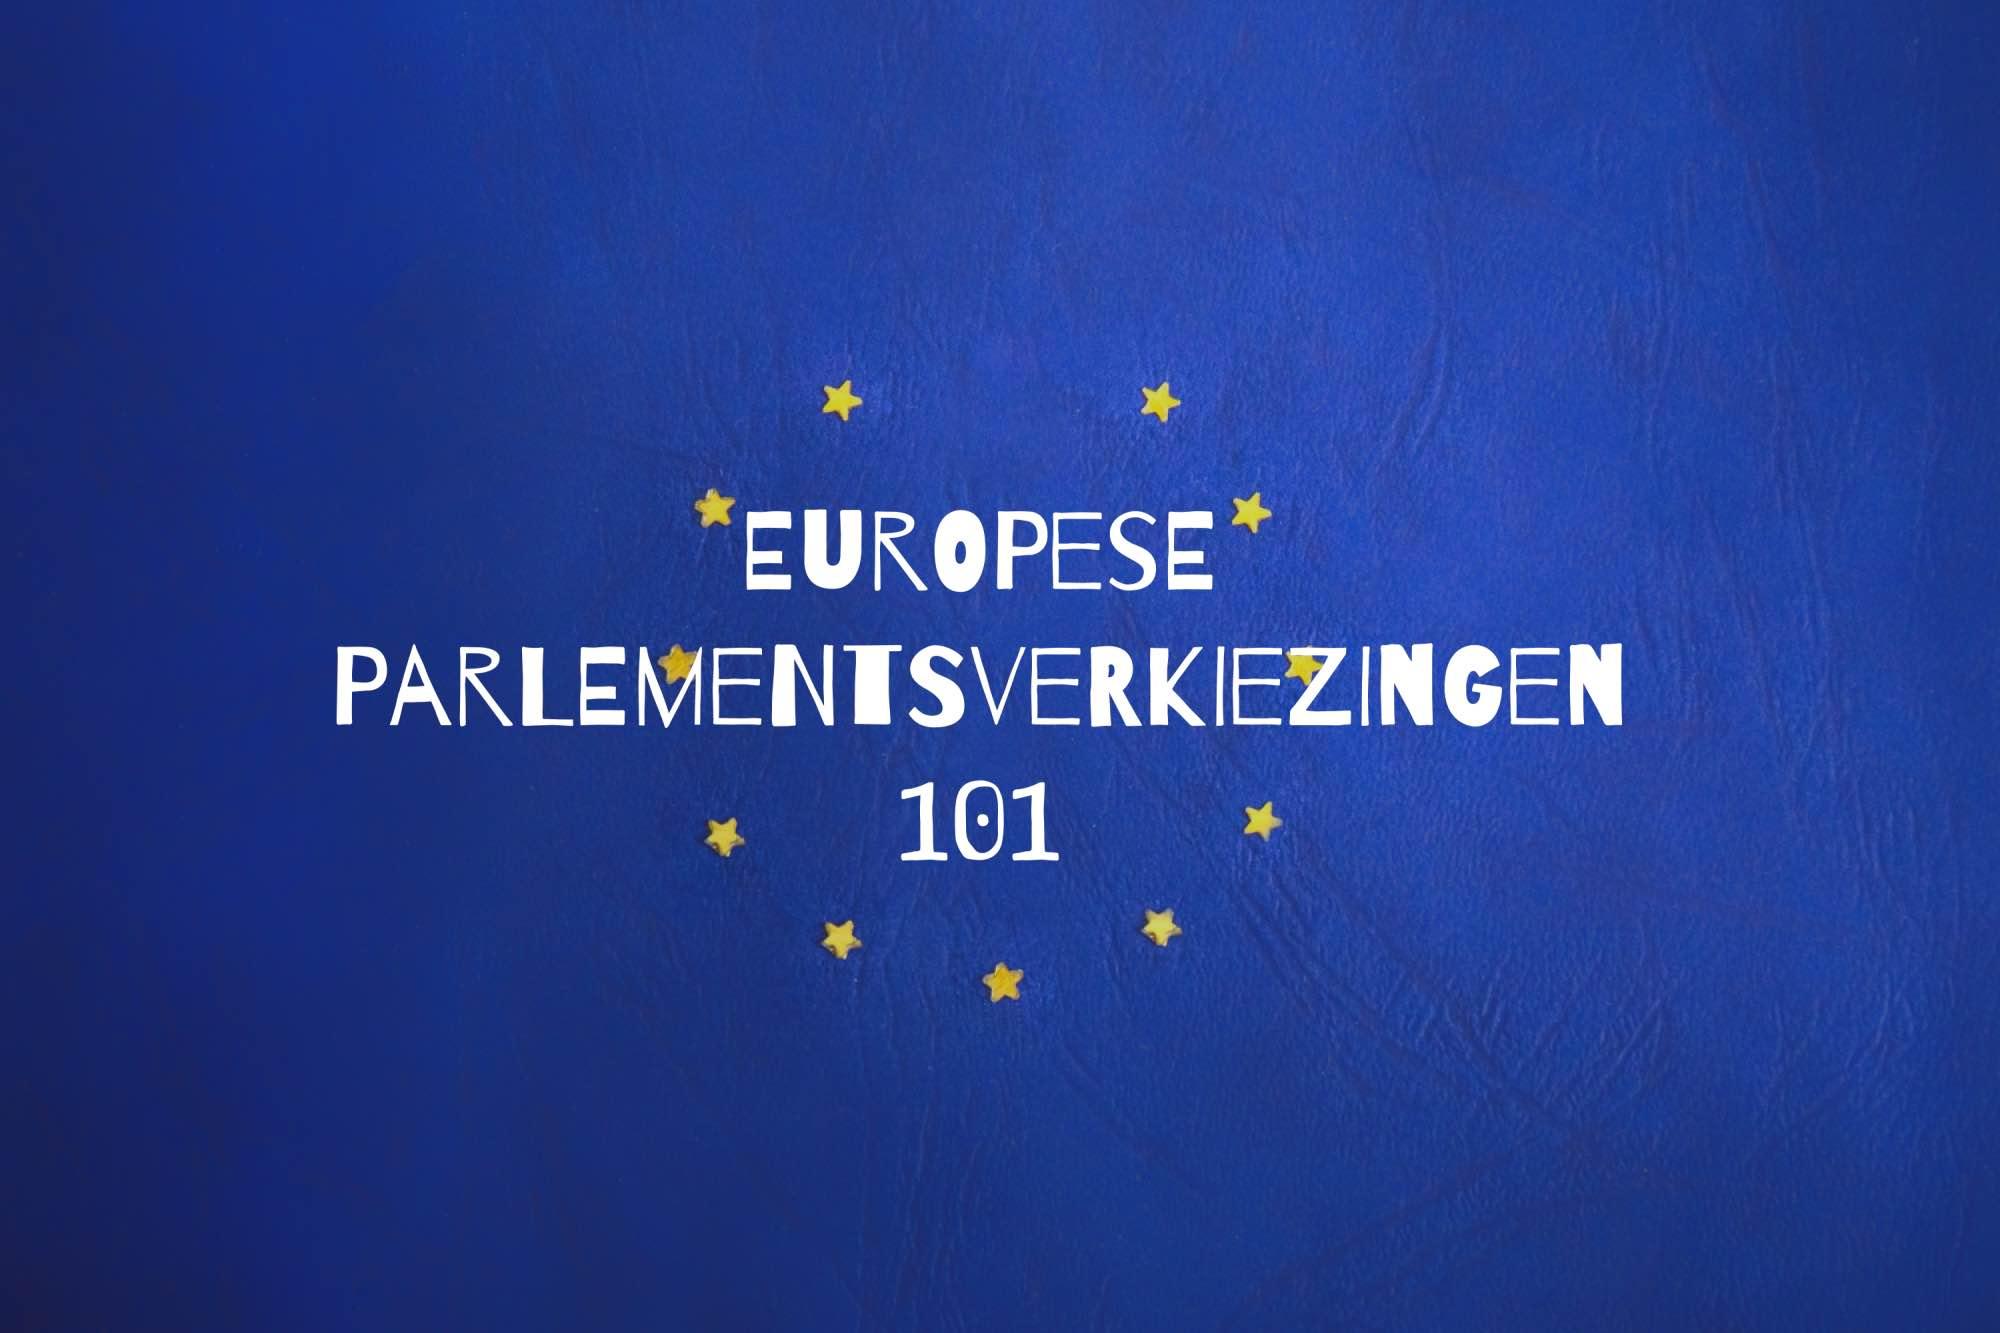 Europese parlementsverkiezingen